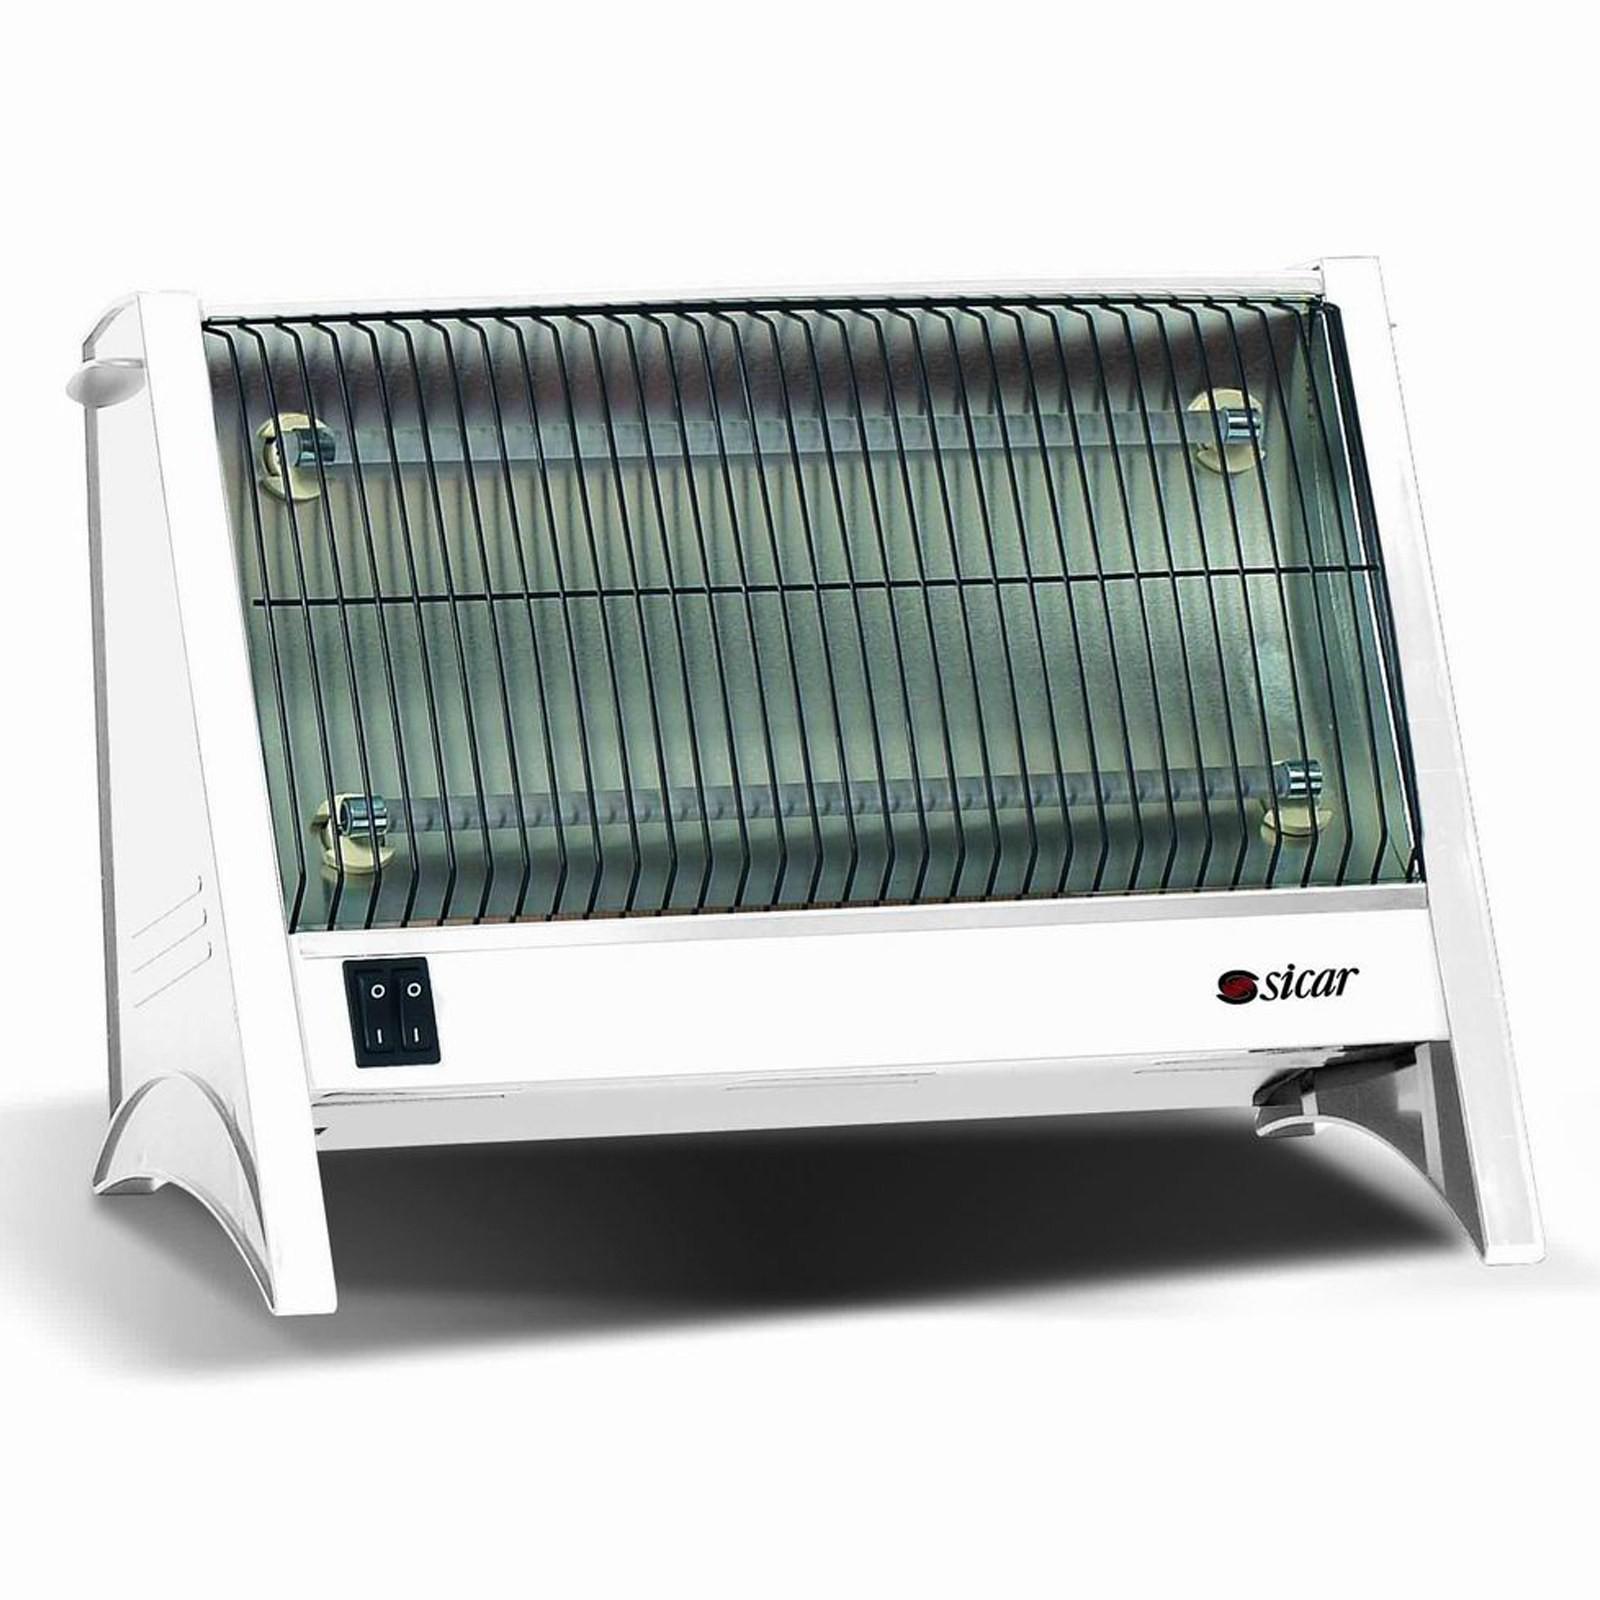 Stufa alogena elettrica stufetta tubi al quarzo potenza 1200 watt riscaldamento area illumina - Stufa elettrica al quarzo ...